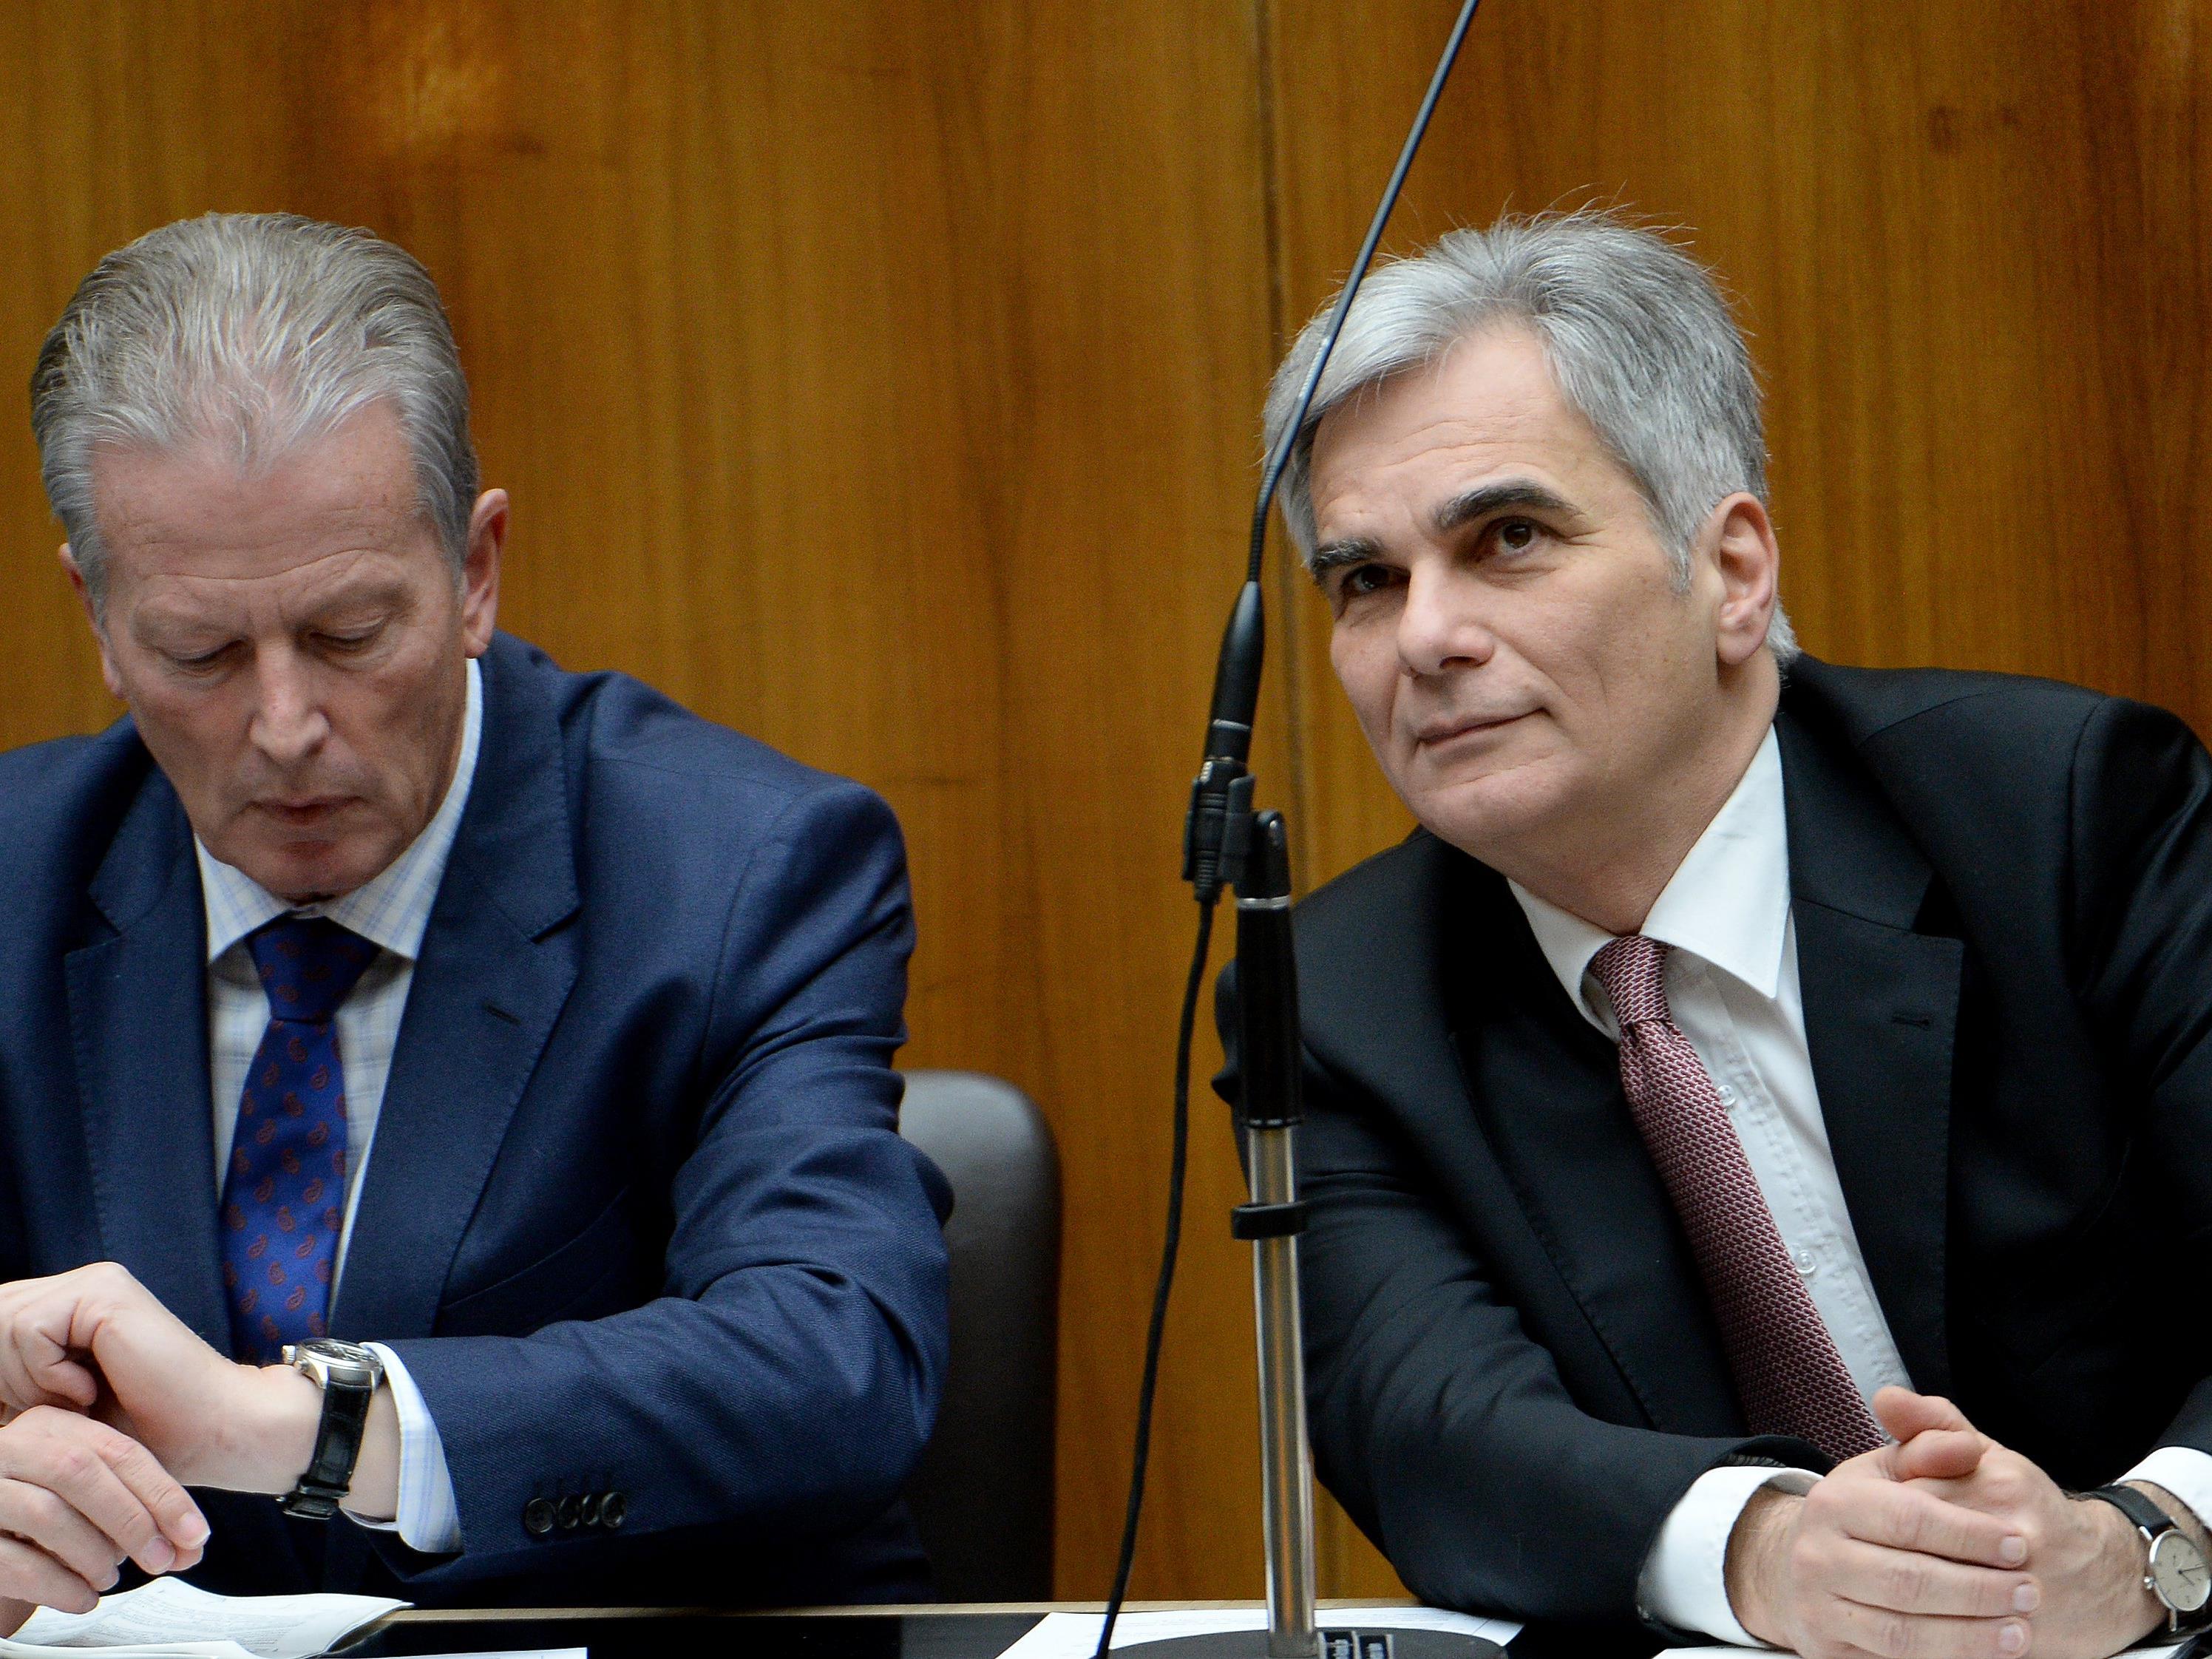 Überleben nach dem Wahldesaster. Personelle Konsequenzen bei SPÖ und ÖVP bleiben wohl aus.